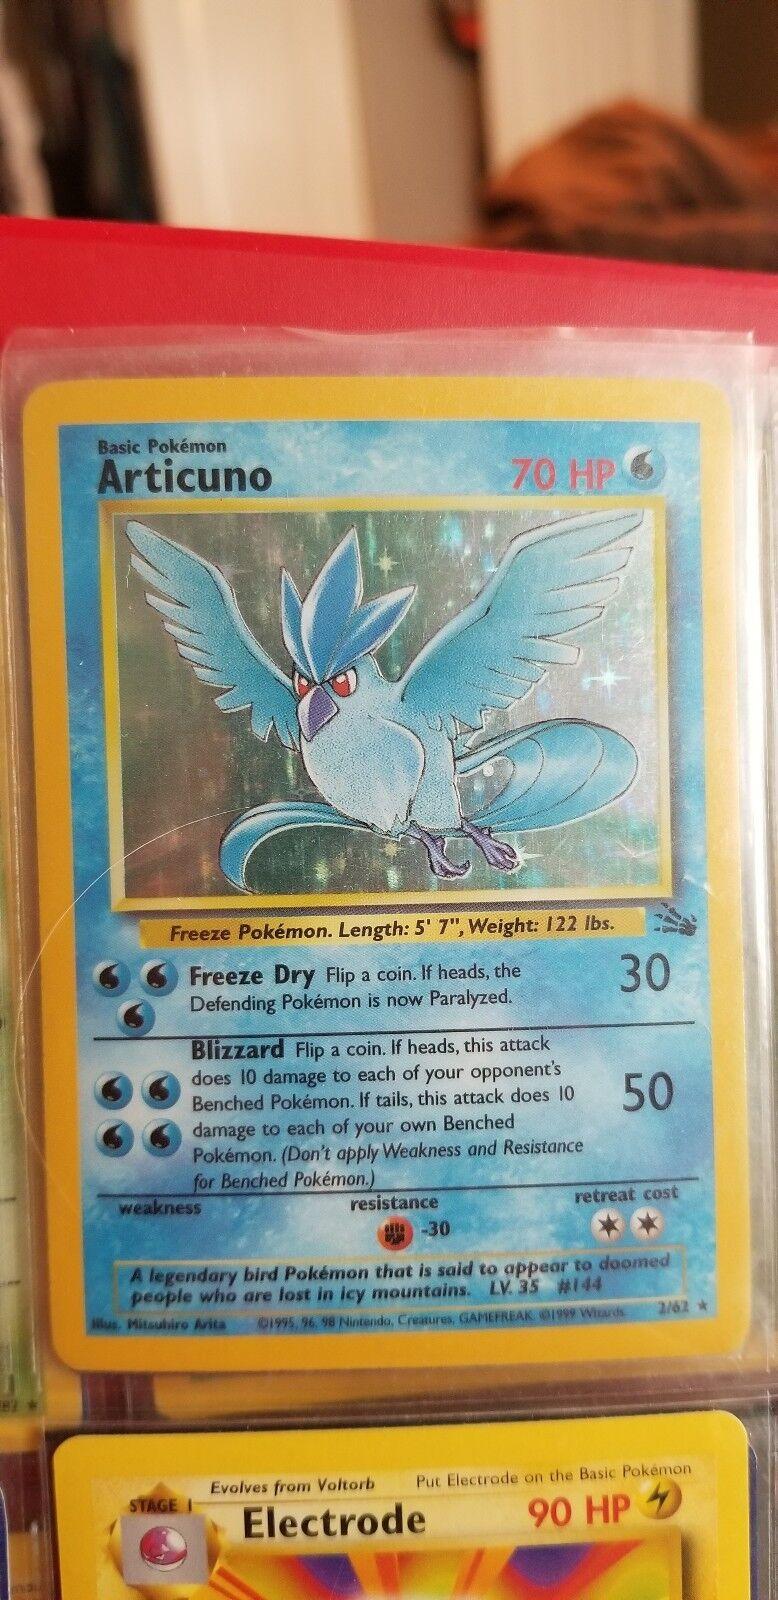 Original Legendary Bird Set With Articuno Holo, Moltres, Moltres, Moltres, and Zapdos 42efc0